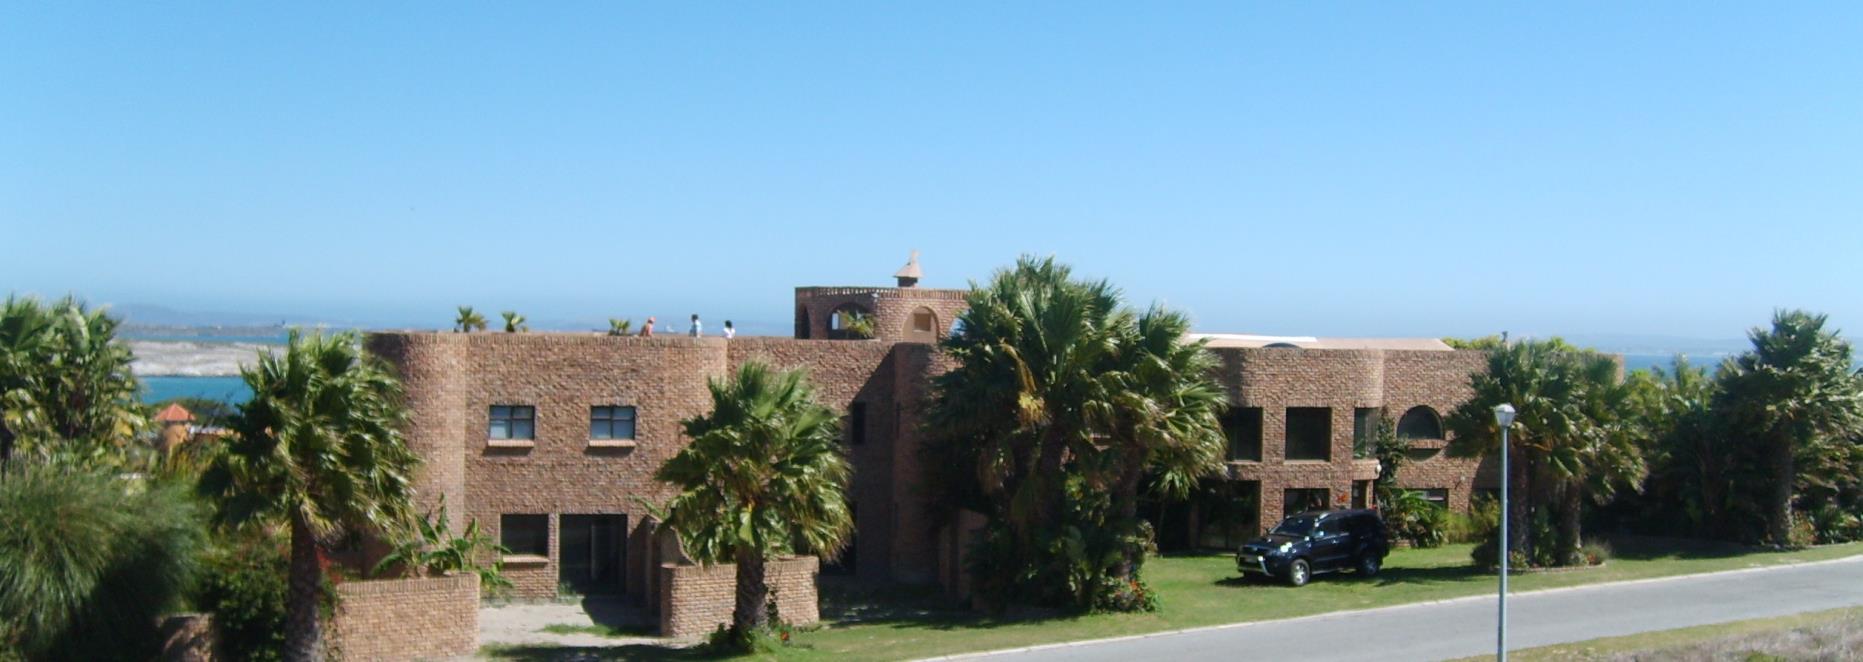 Tropico House